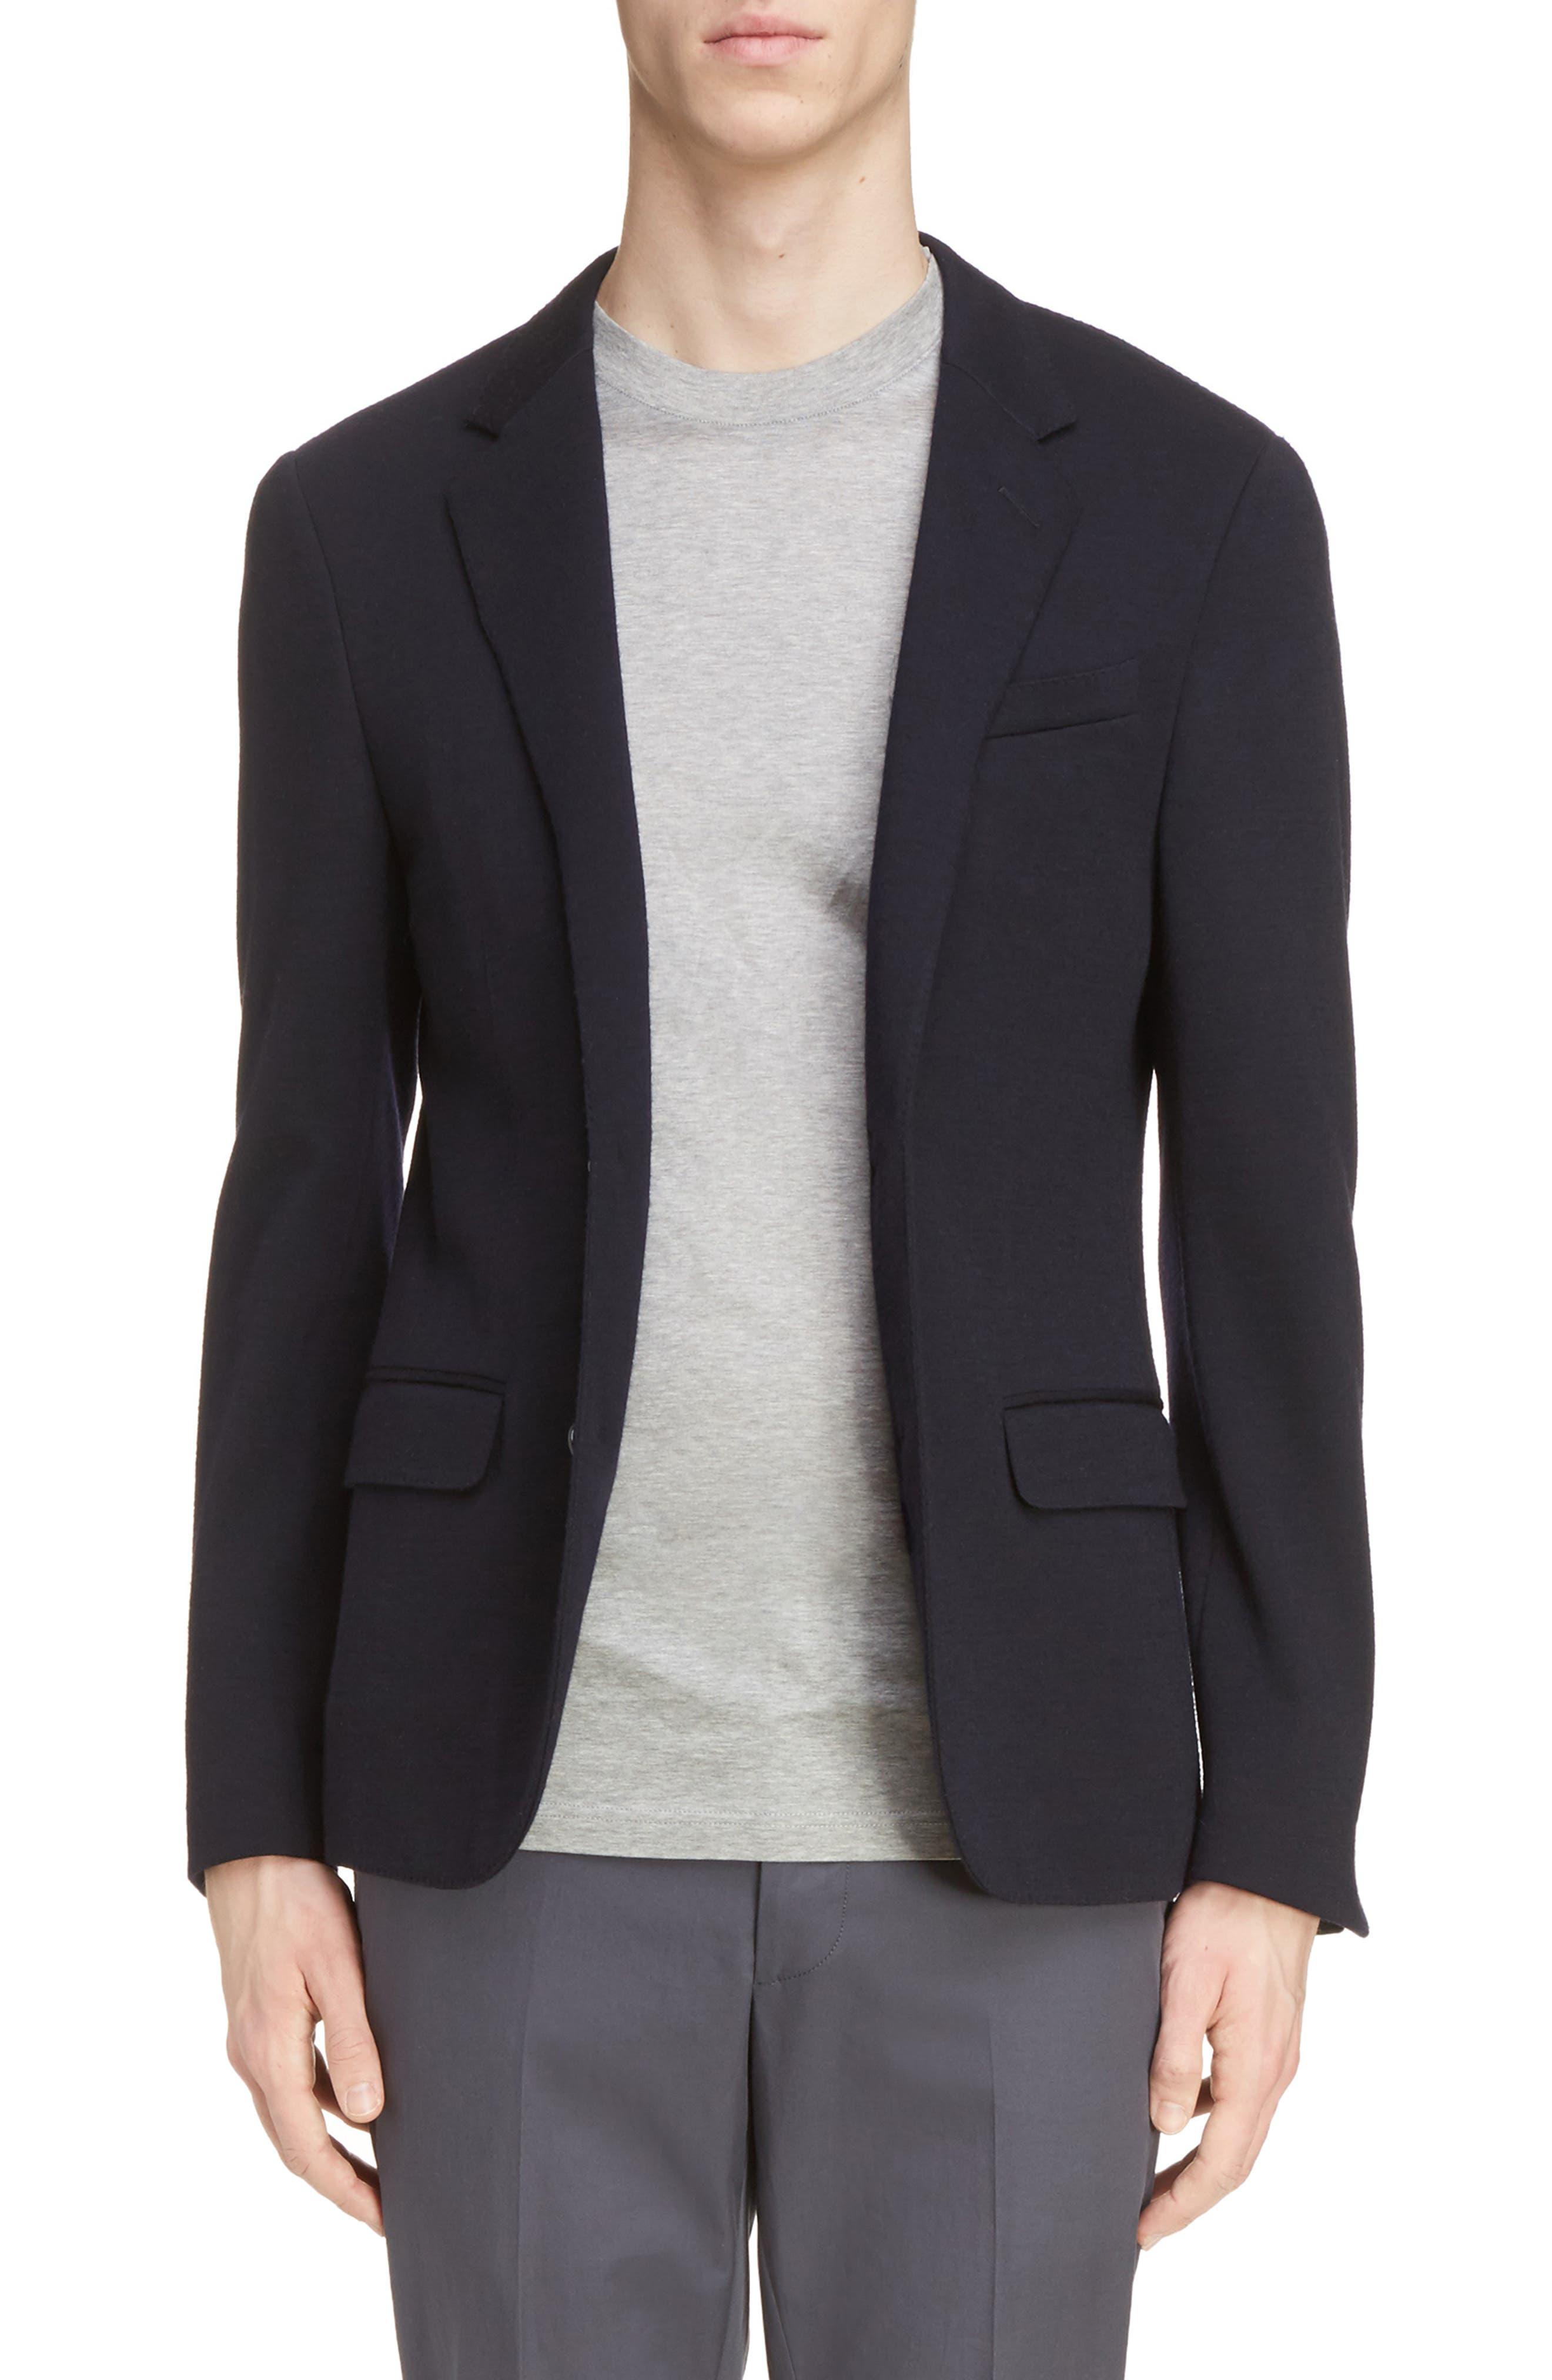 Lanvin Wool Blend Jersey Jacket